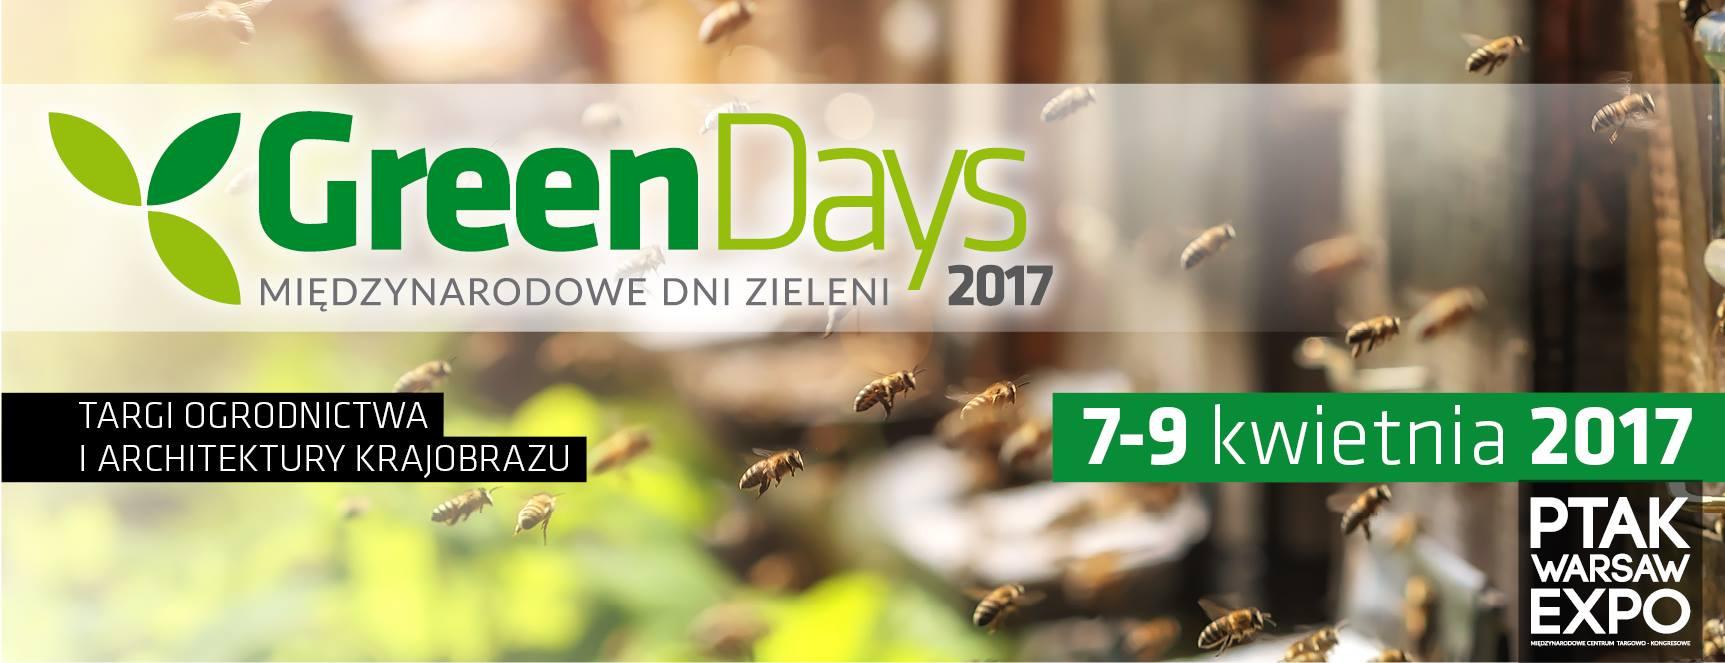 Międzynarodowe Dni Zieleni Green Days 2017